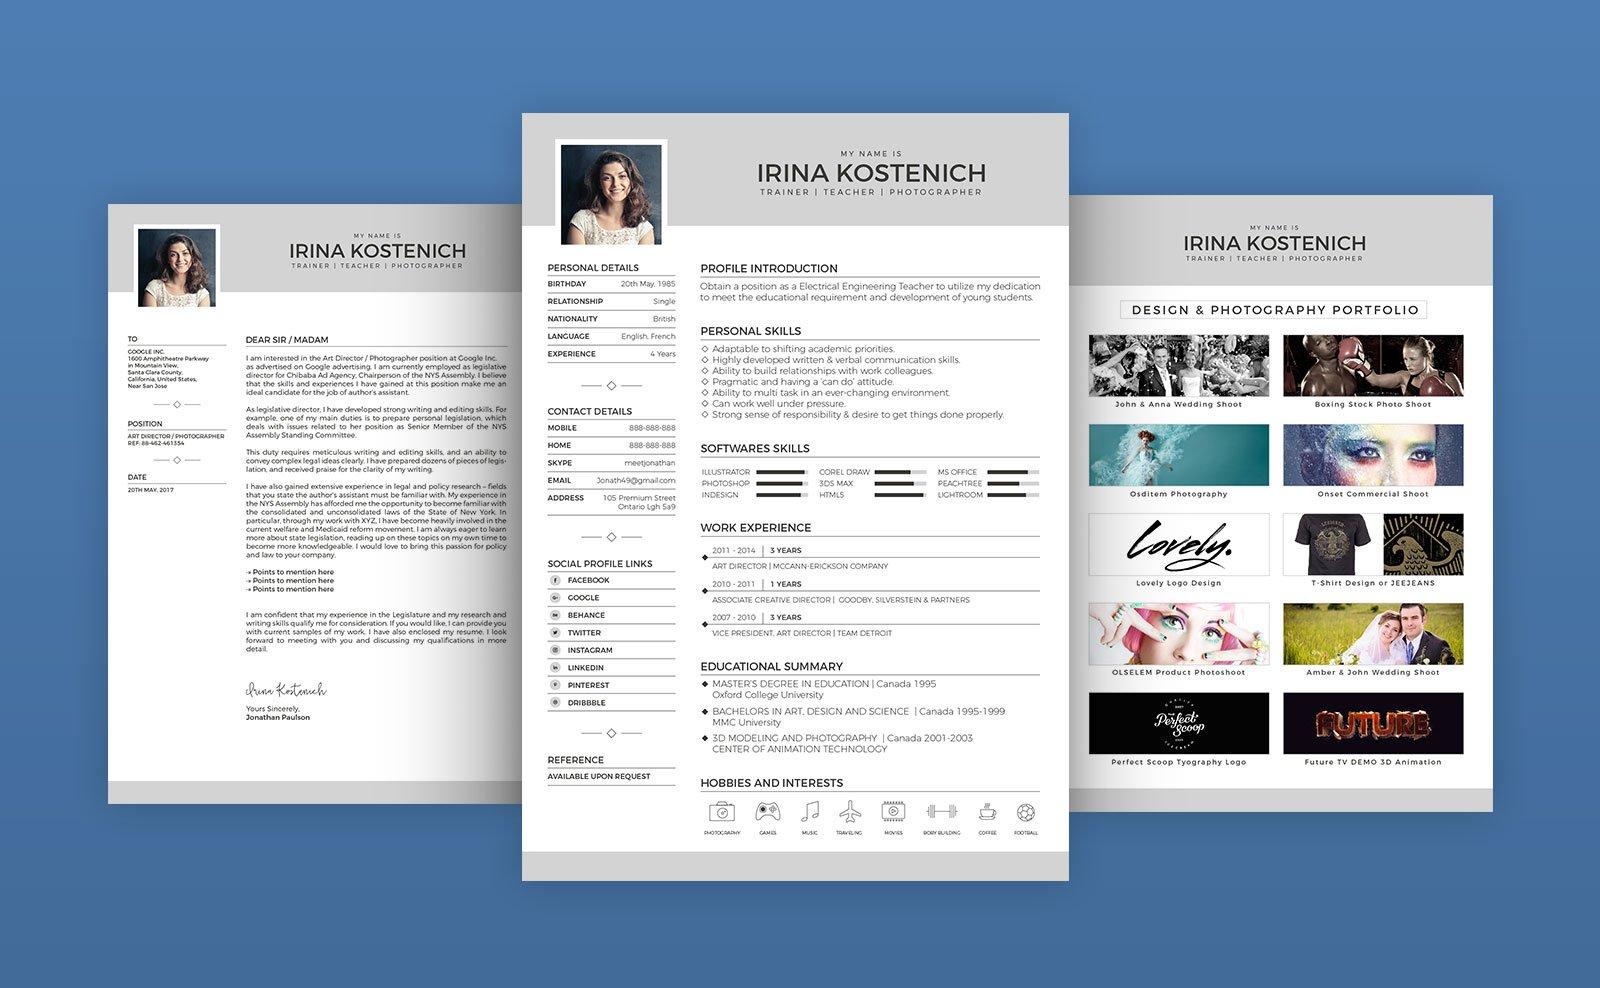 free modern cv template  cover letter  u0026 portfolio design template in vector ai  u2013 designbolts